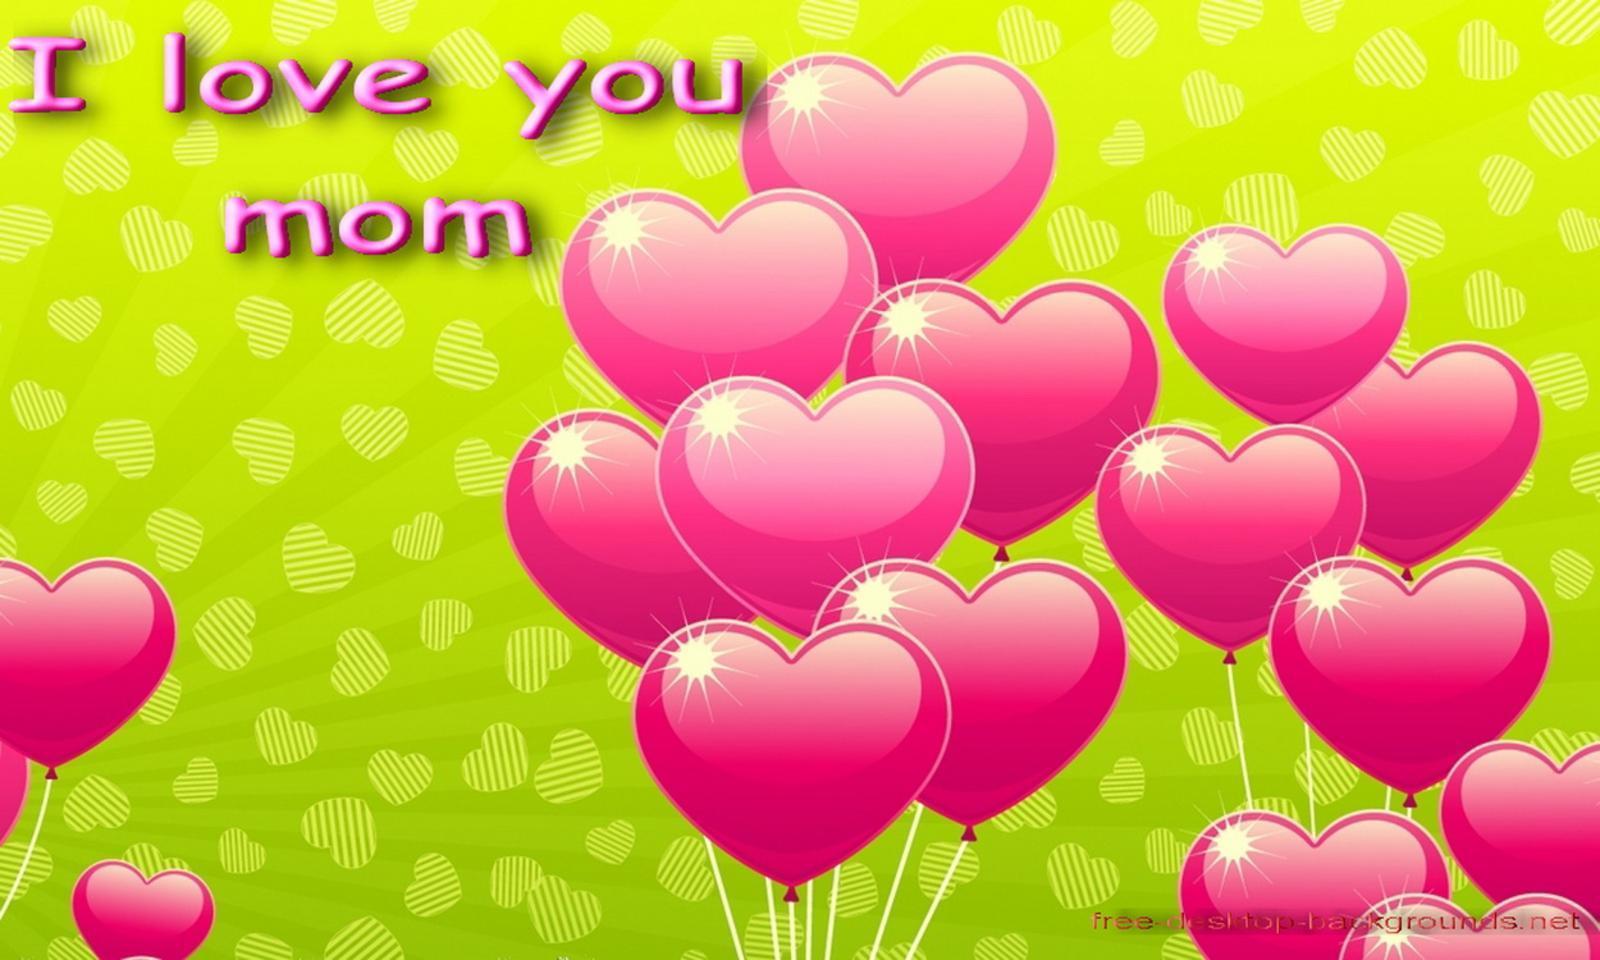 A mothers love 4 alyssa lynn 6